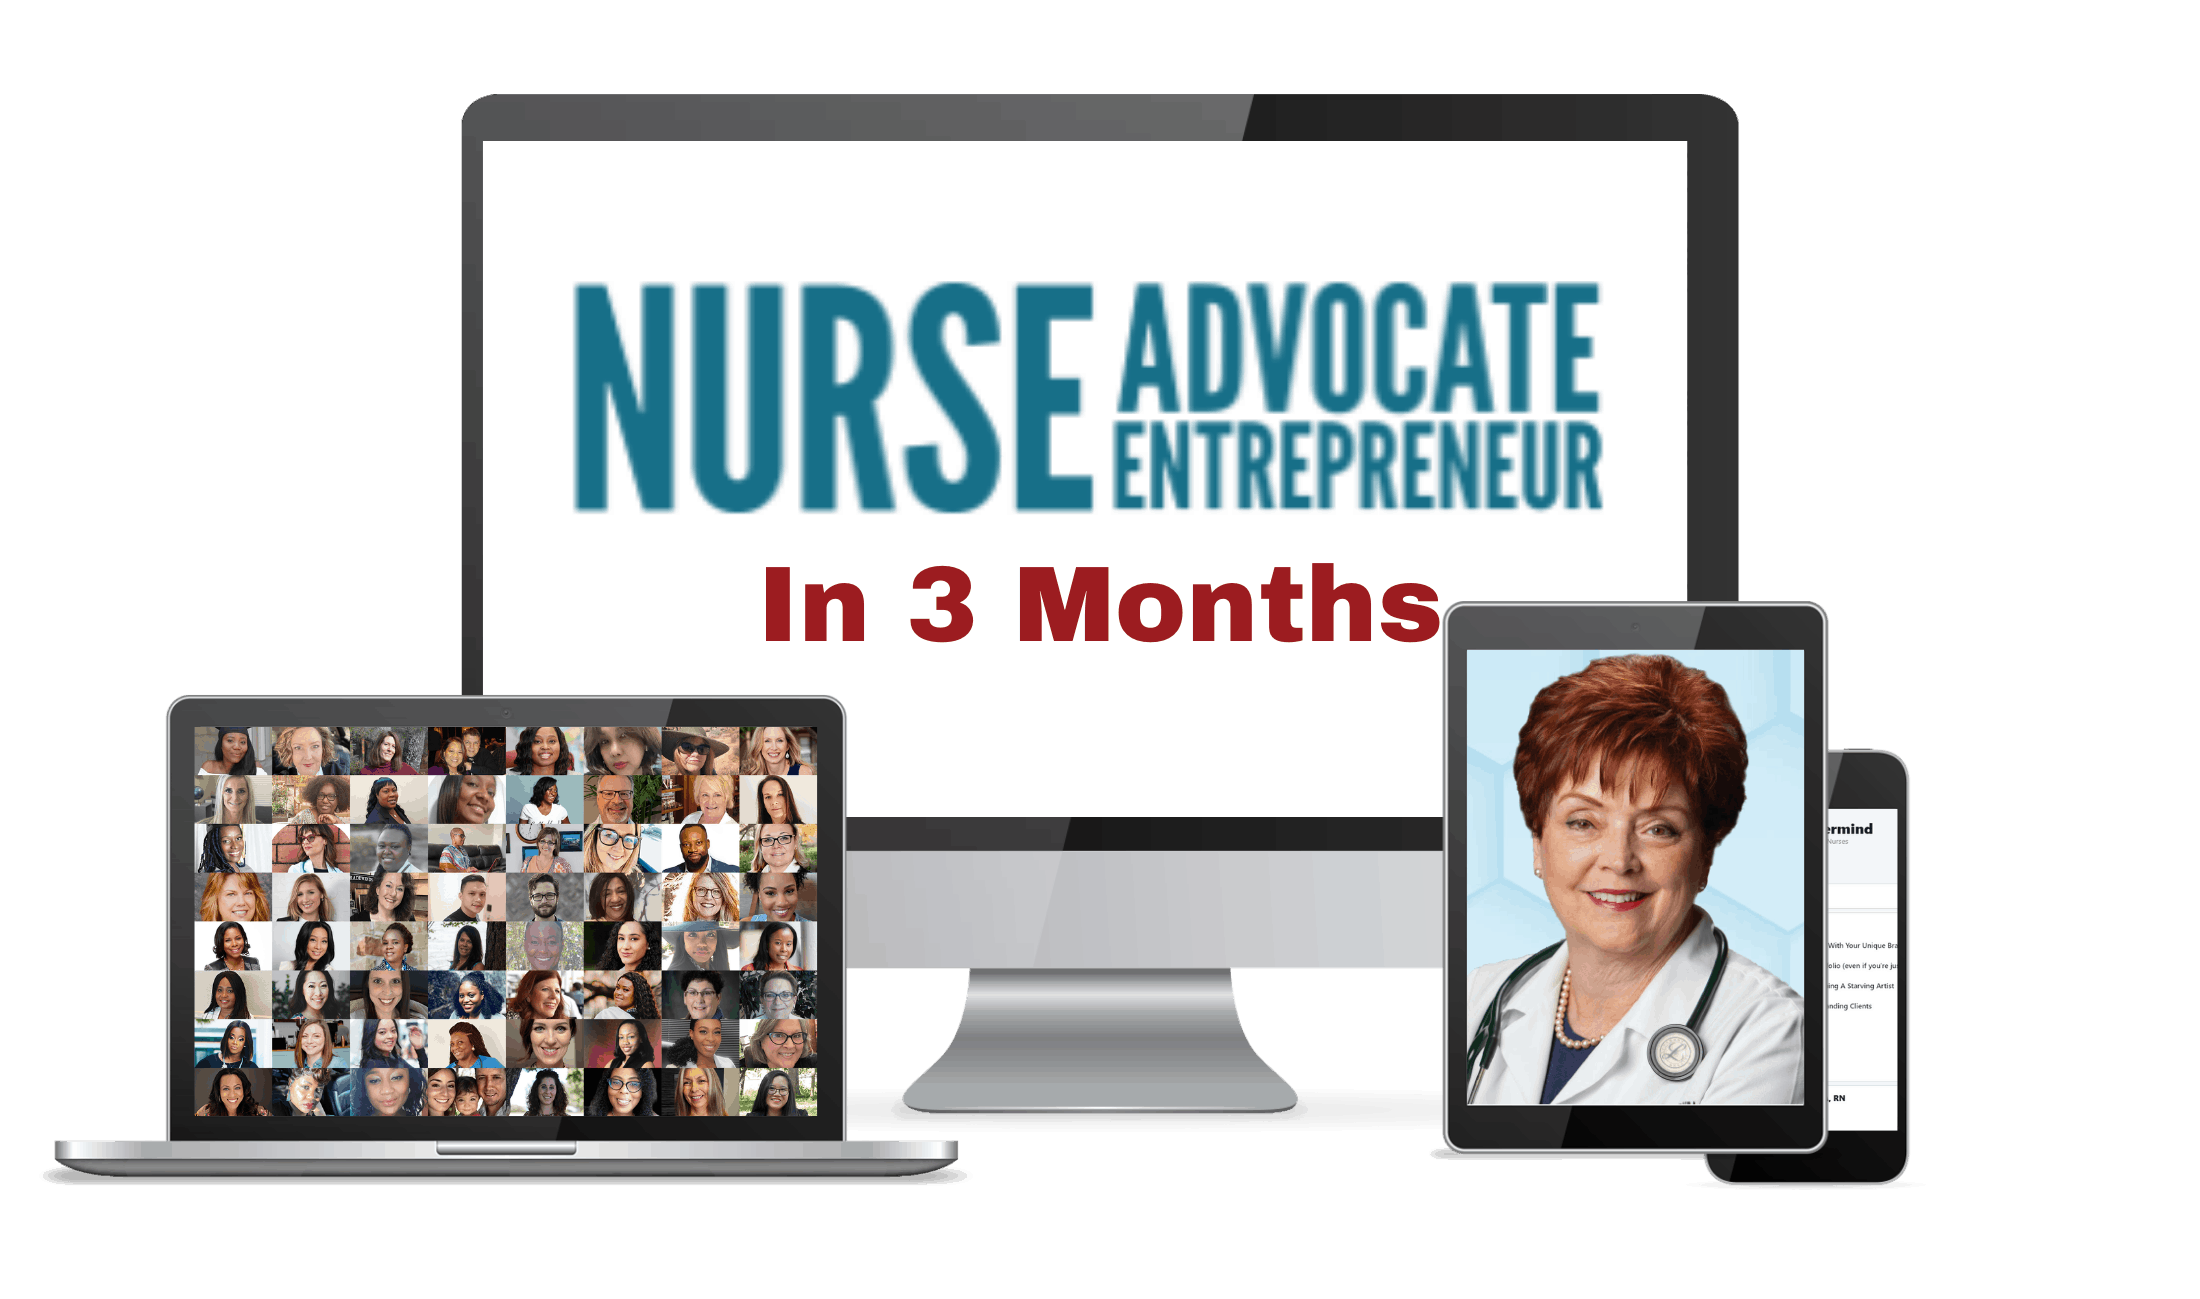 Nurse Advocate